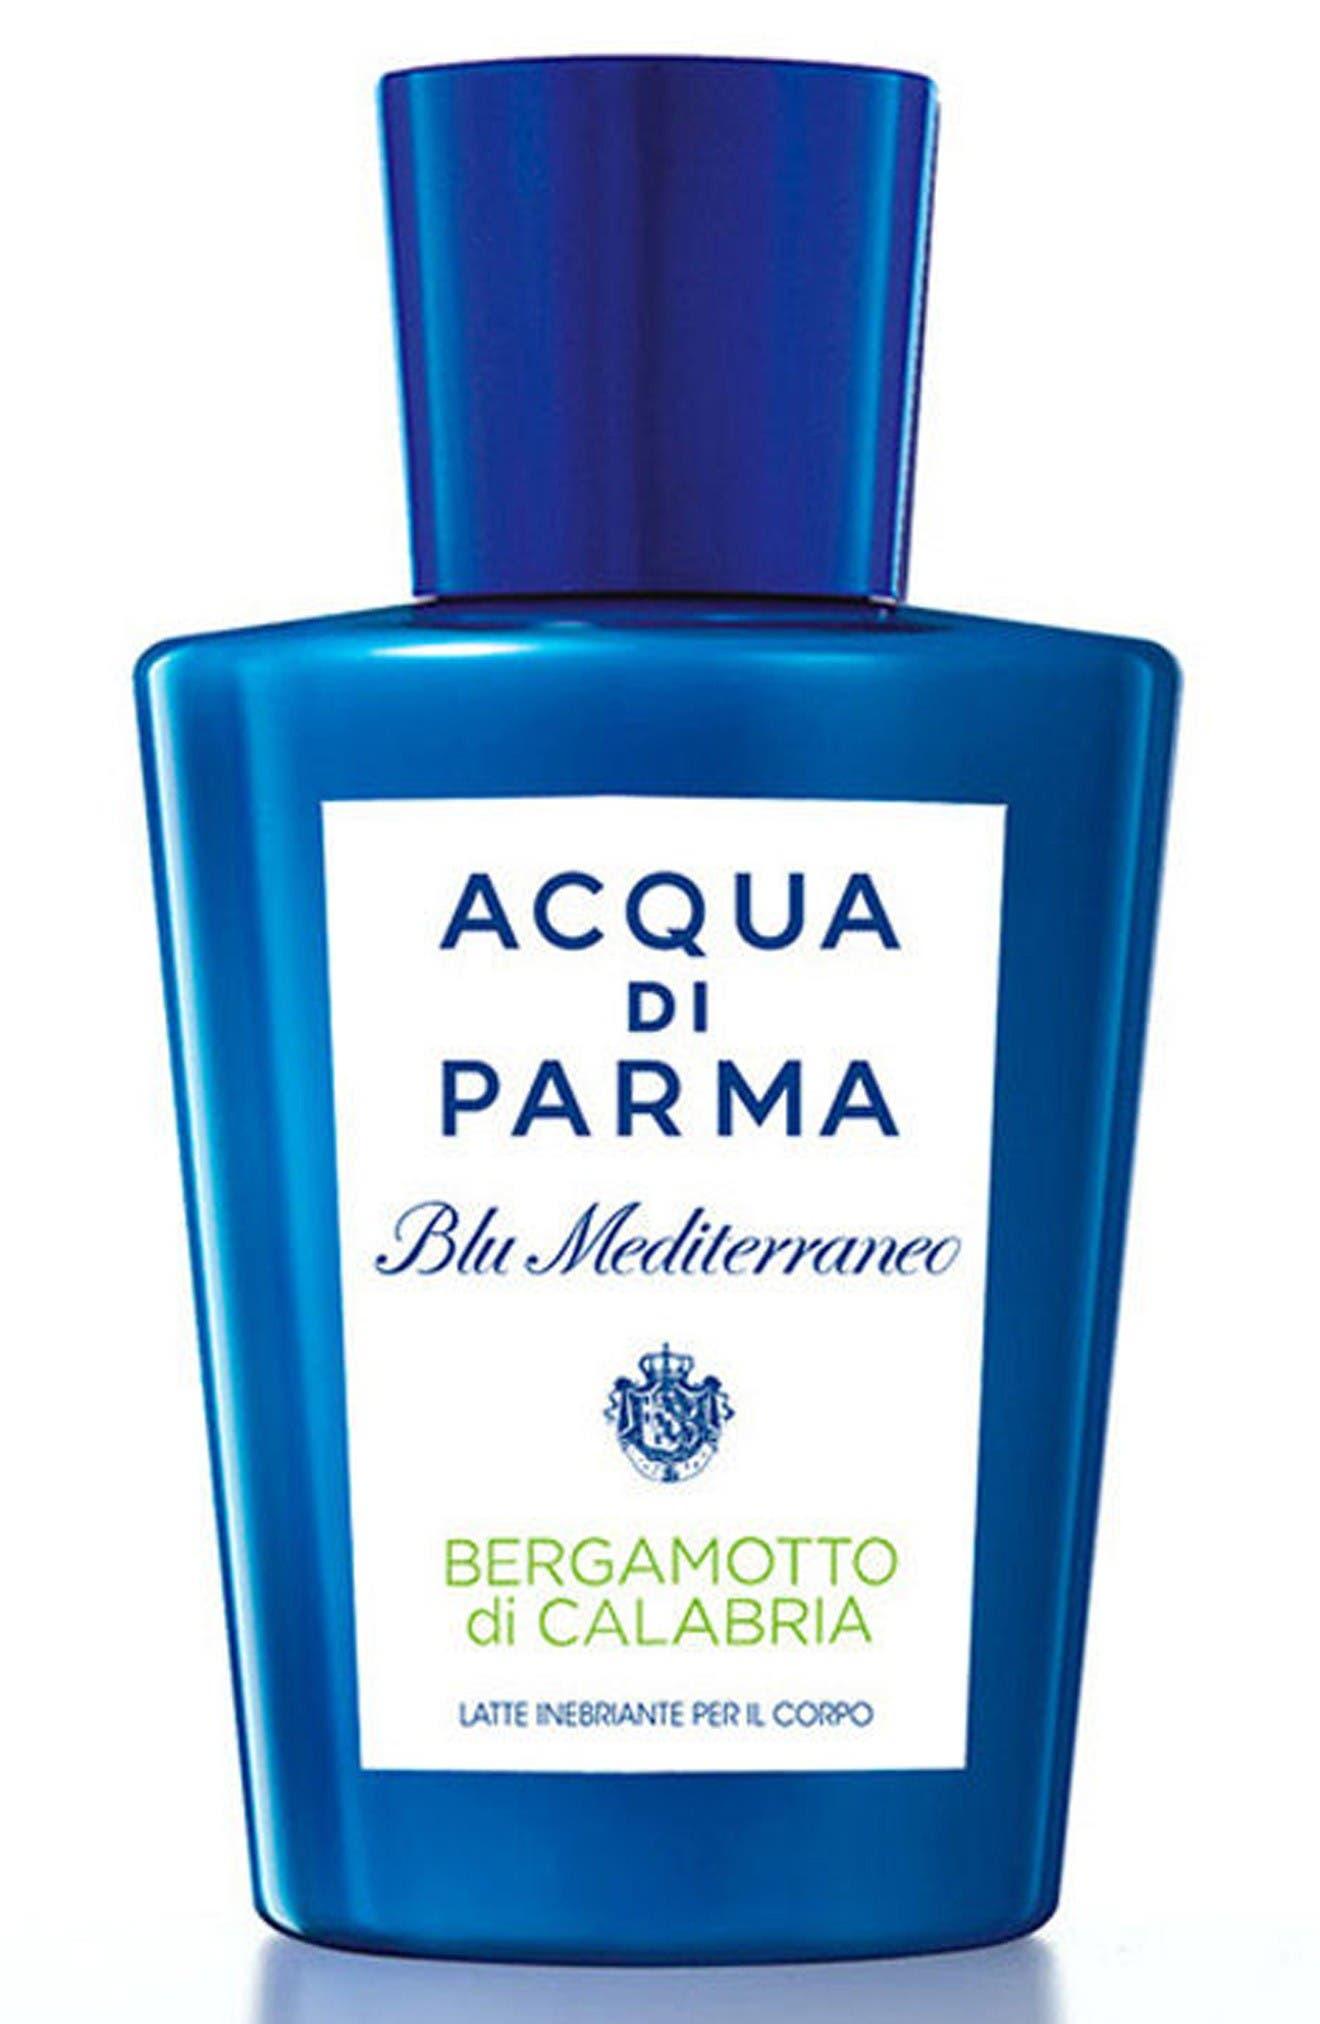 Main Image - Acqua di Parma 'Blu Mediterraneo' Bergamotto di Calabria Body Lotion